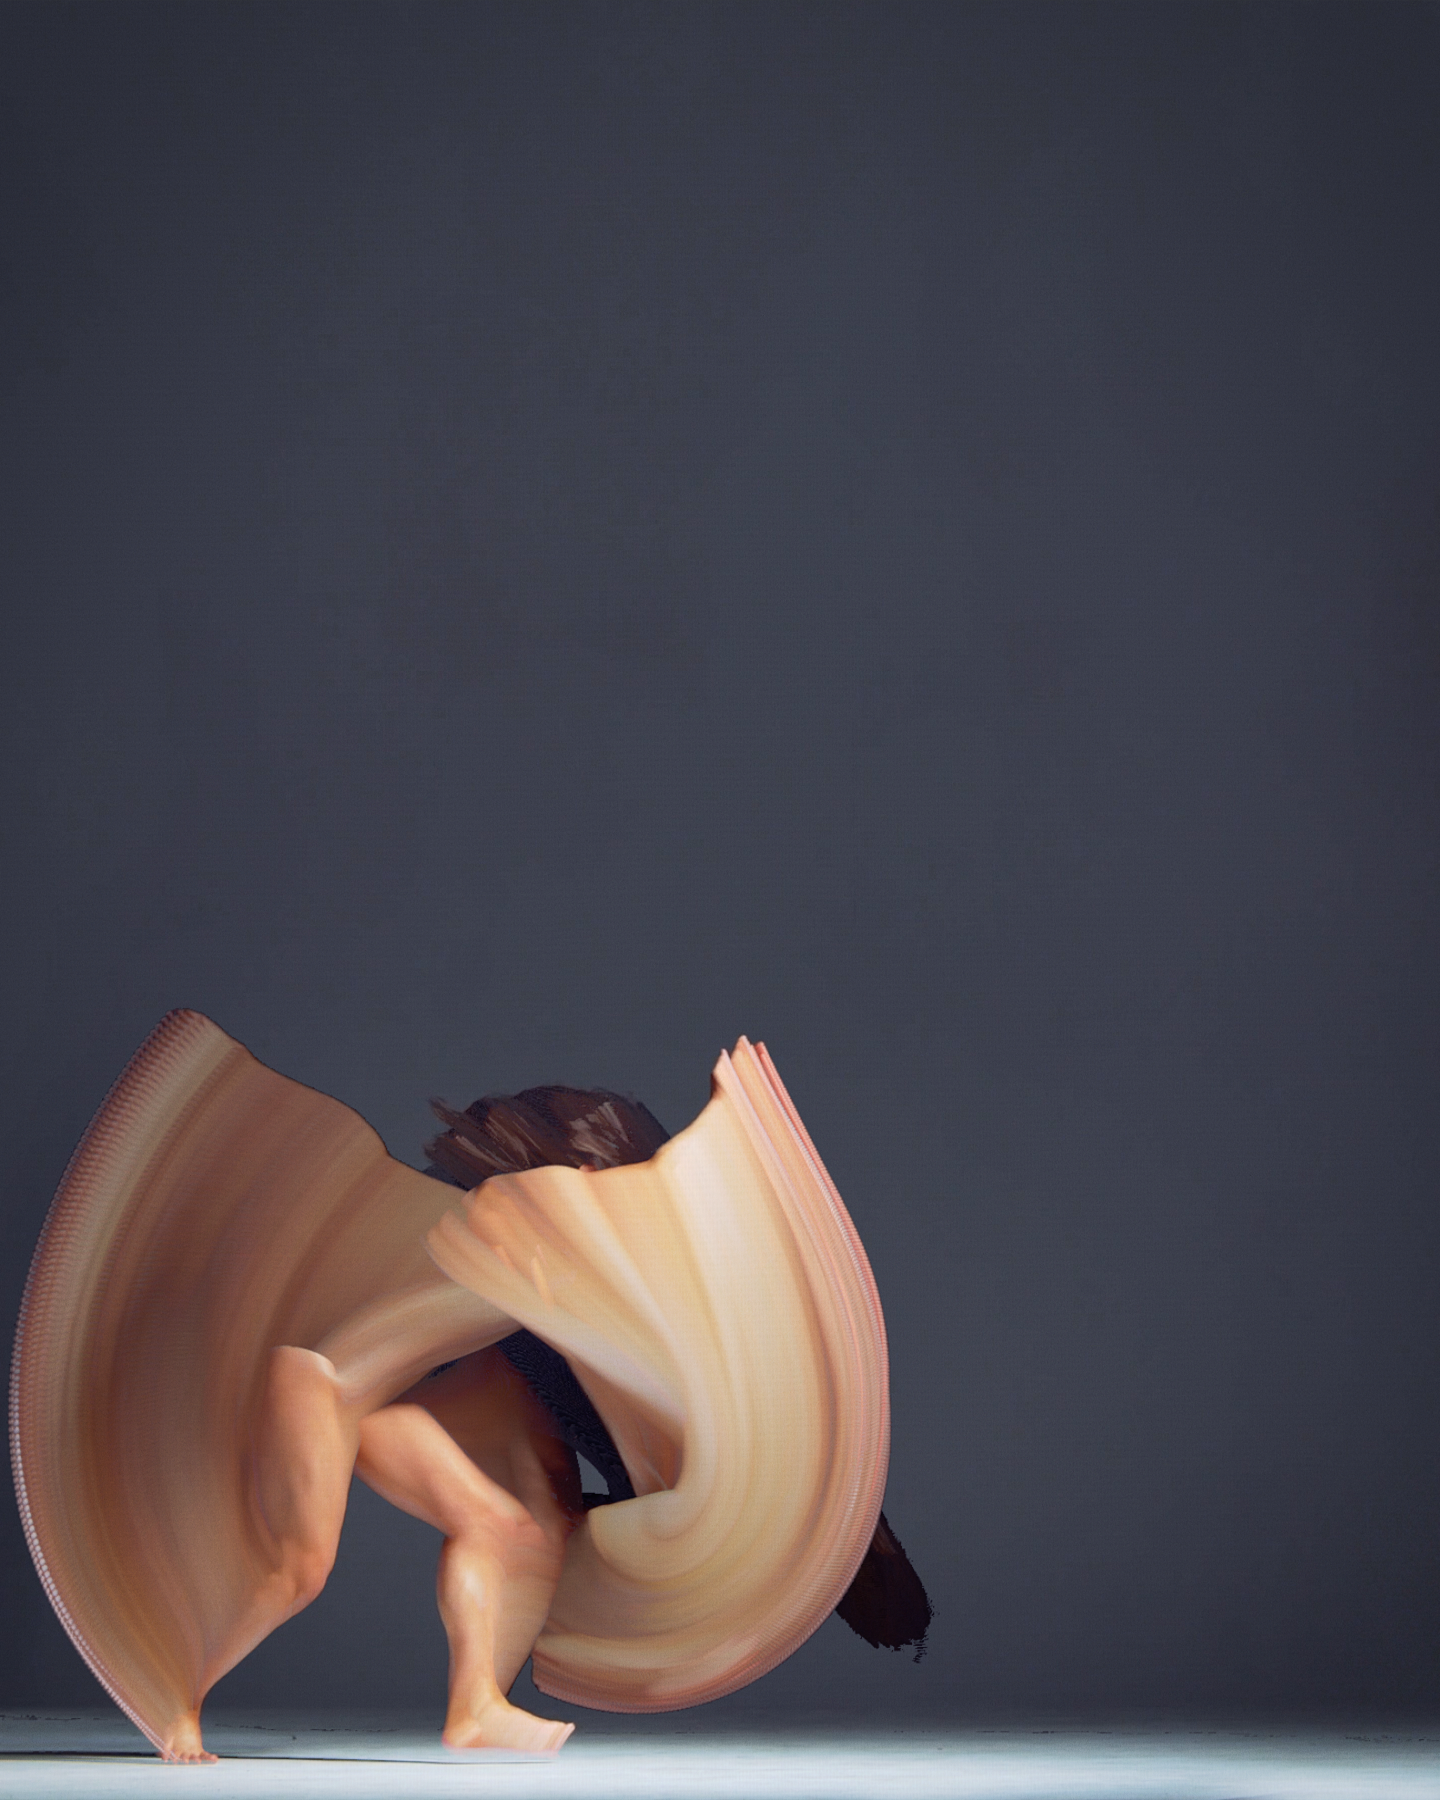 DANCER01_backwards450 (00237).png